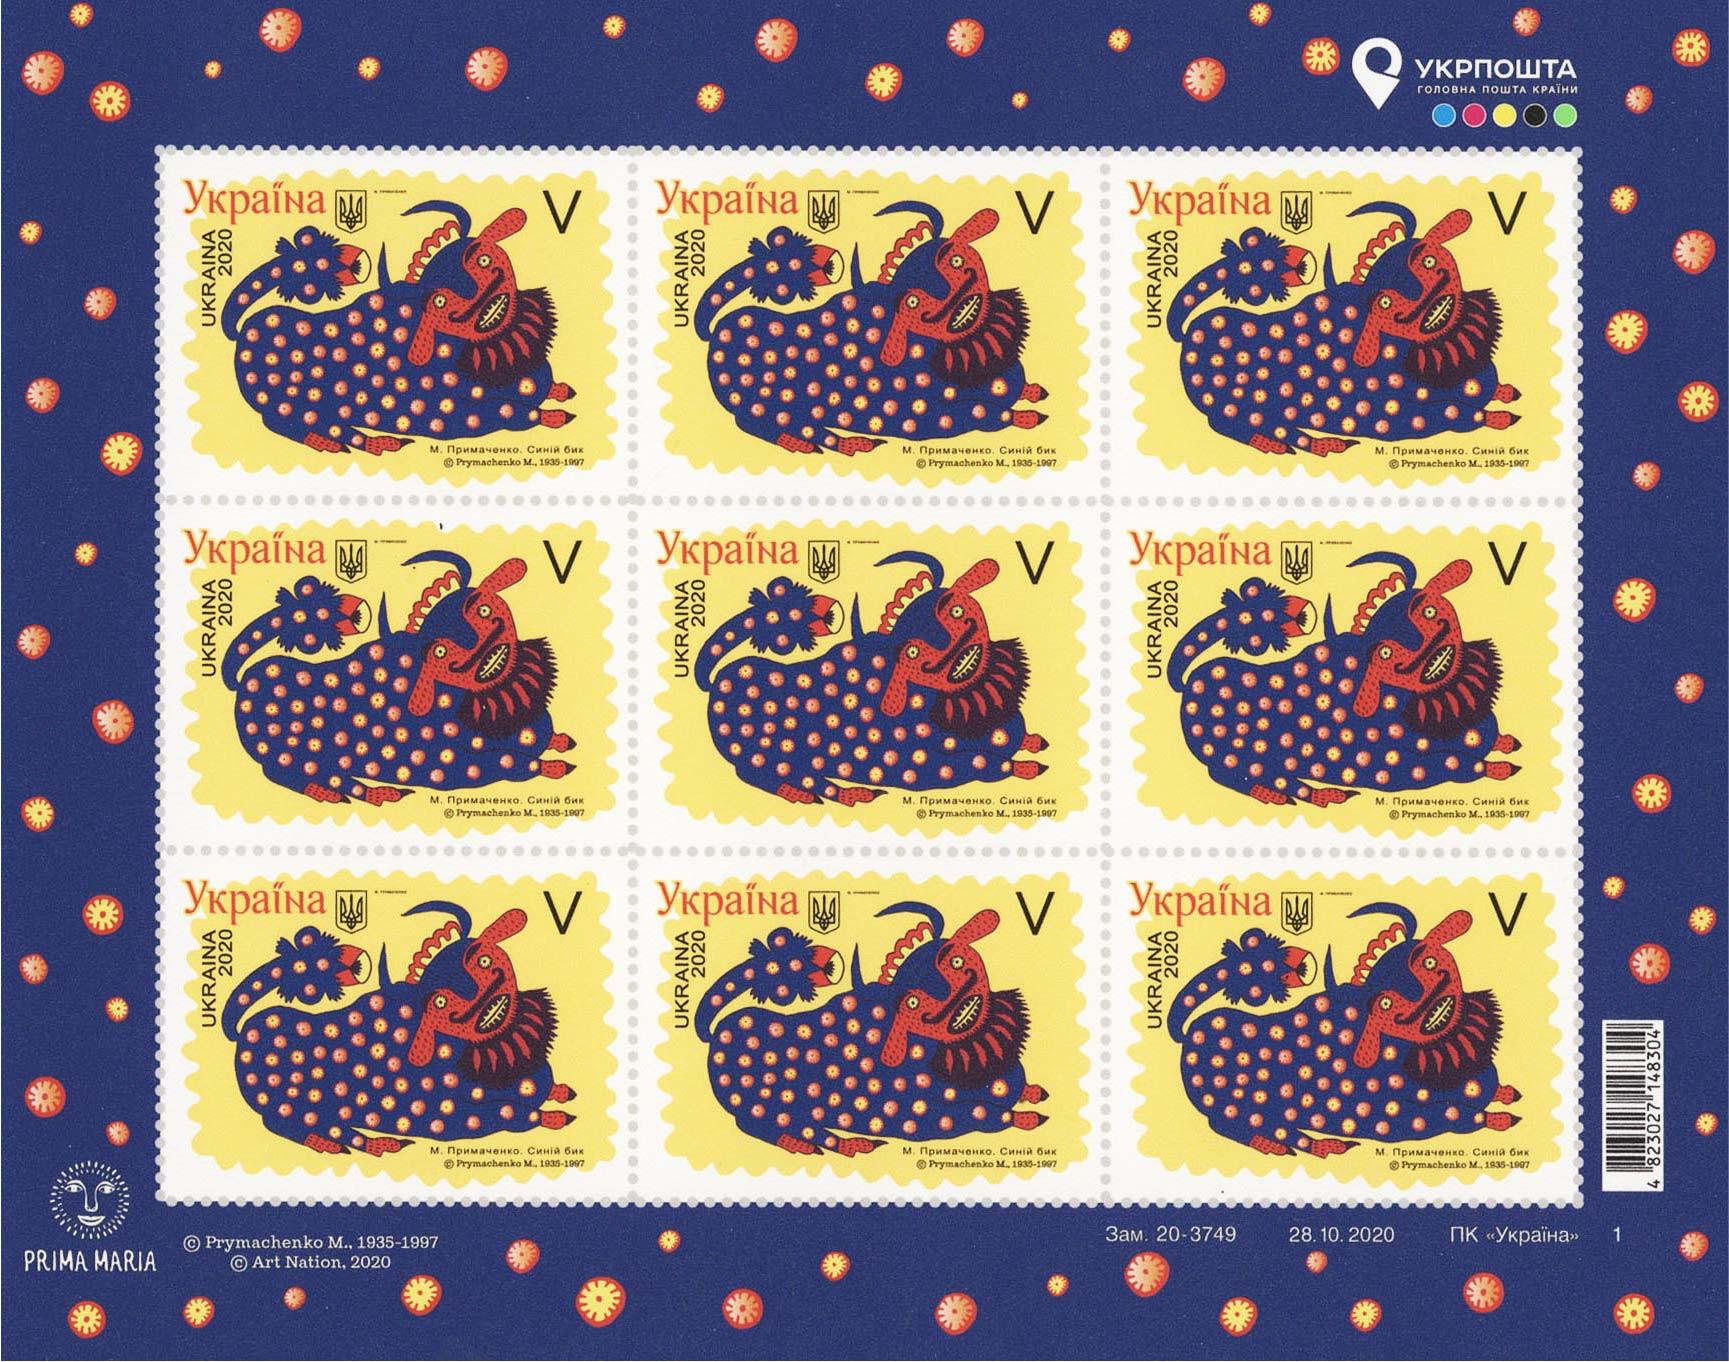 Фантастичний «Синій бик» Марії Примаченко з'явився на українських поштових  марках